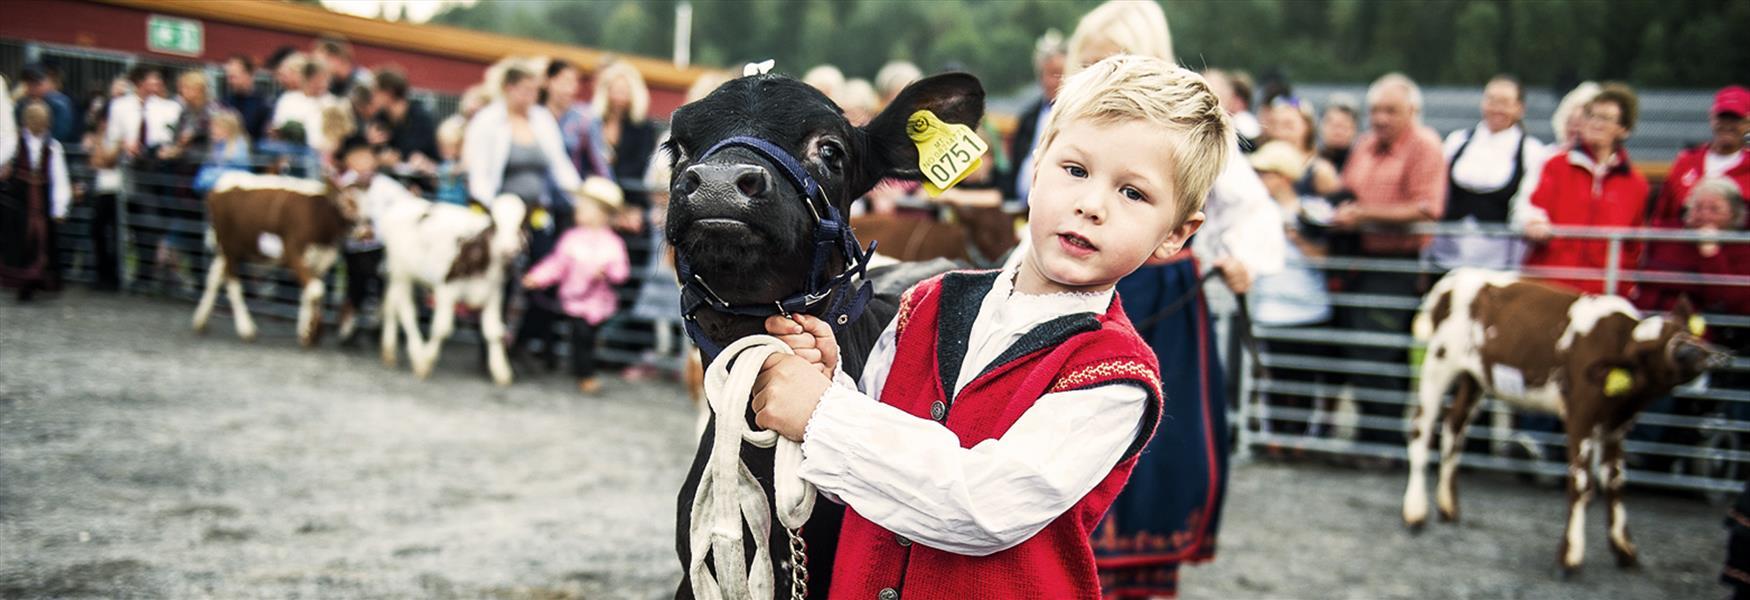 Liten gutt som presenterer kalven sin på Dyrsku'n i Seljord i Telemark